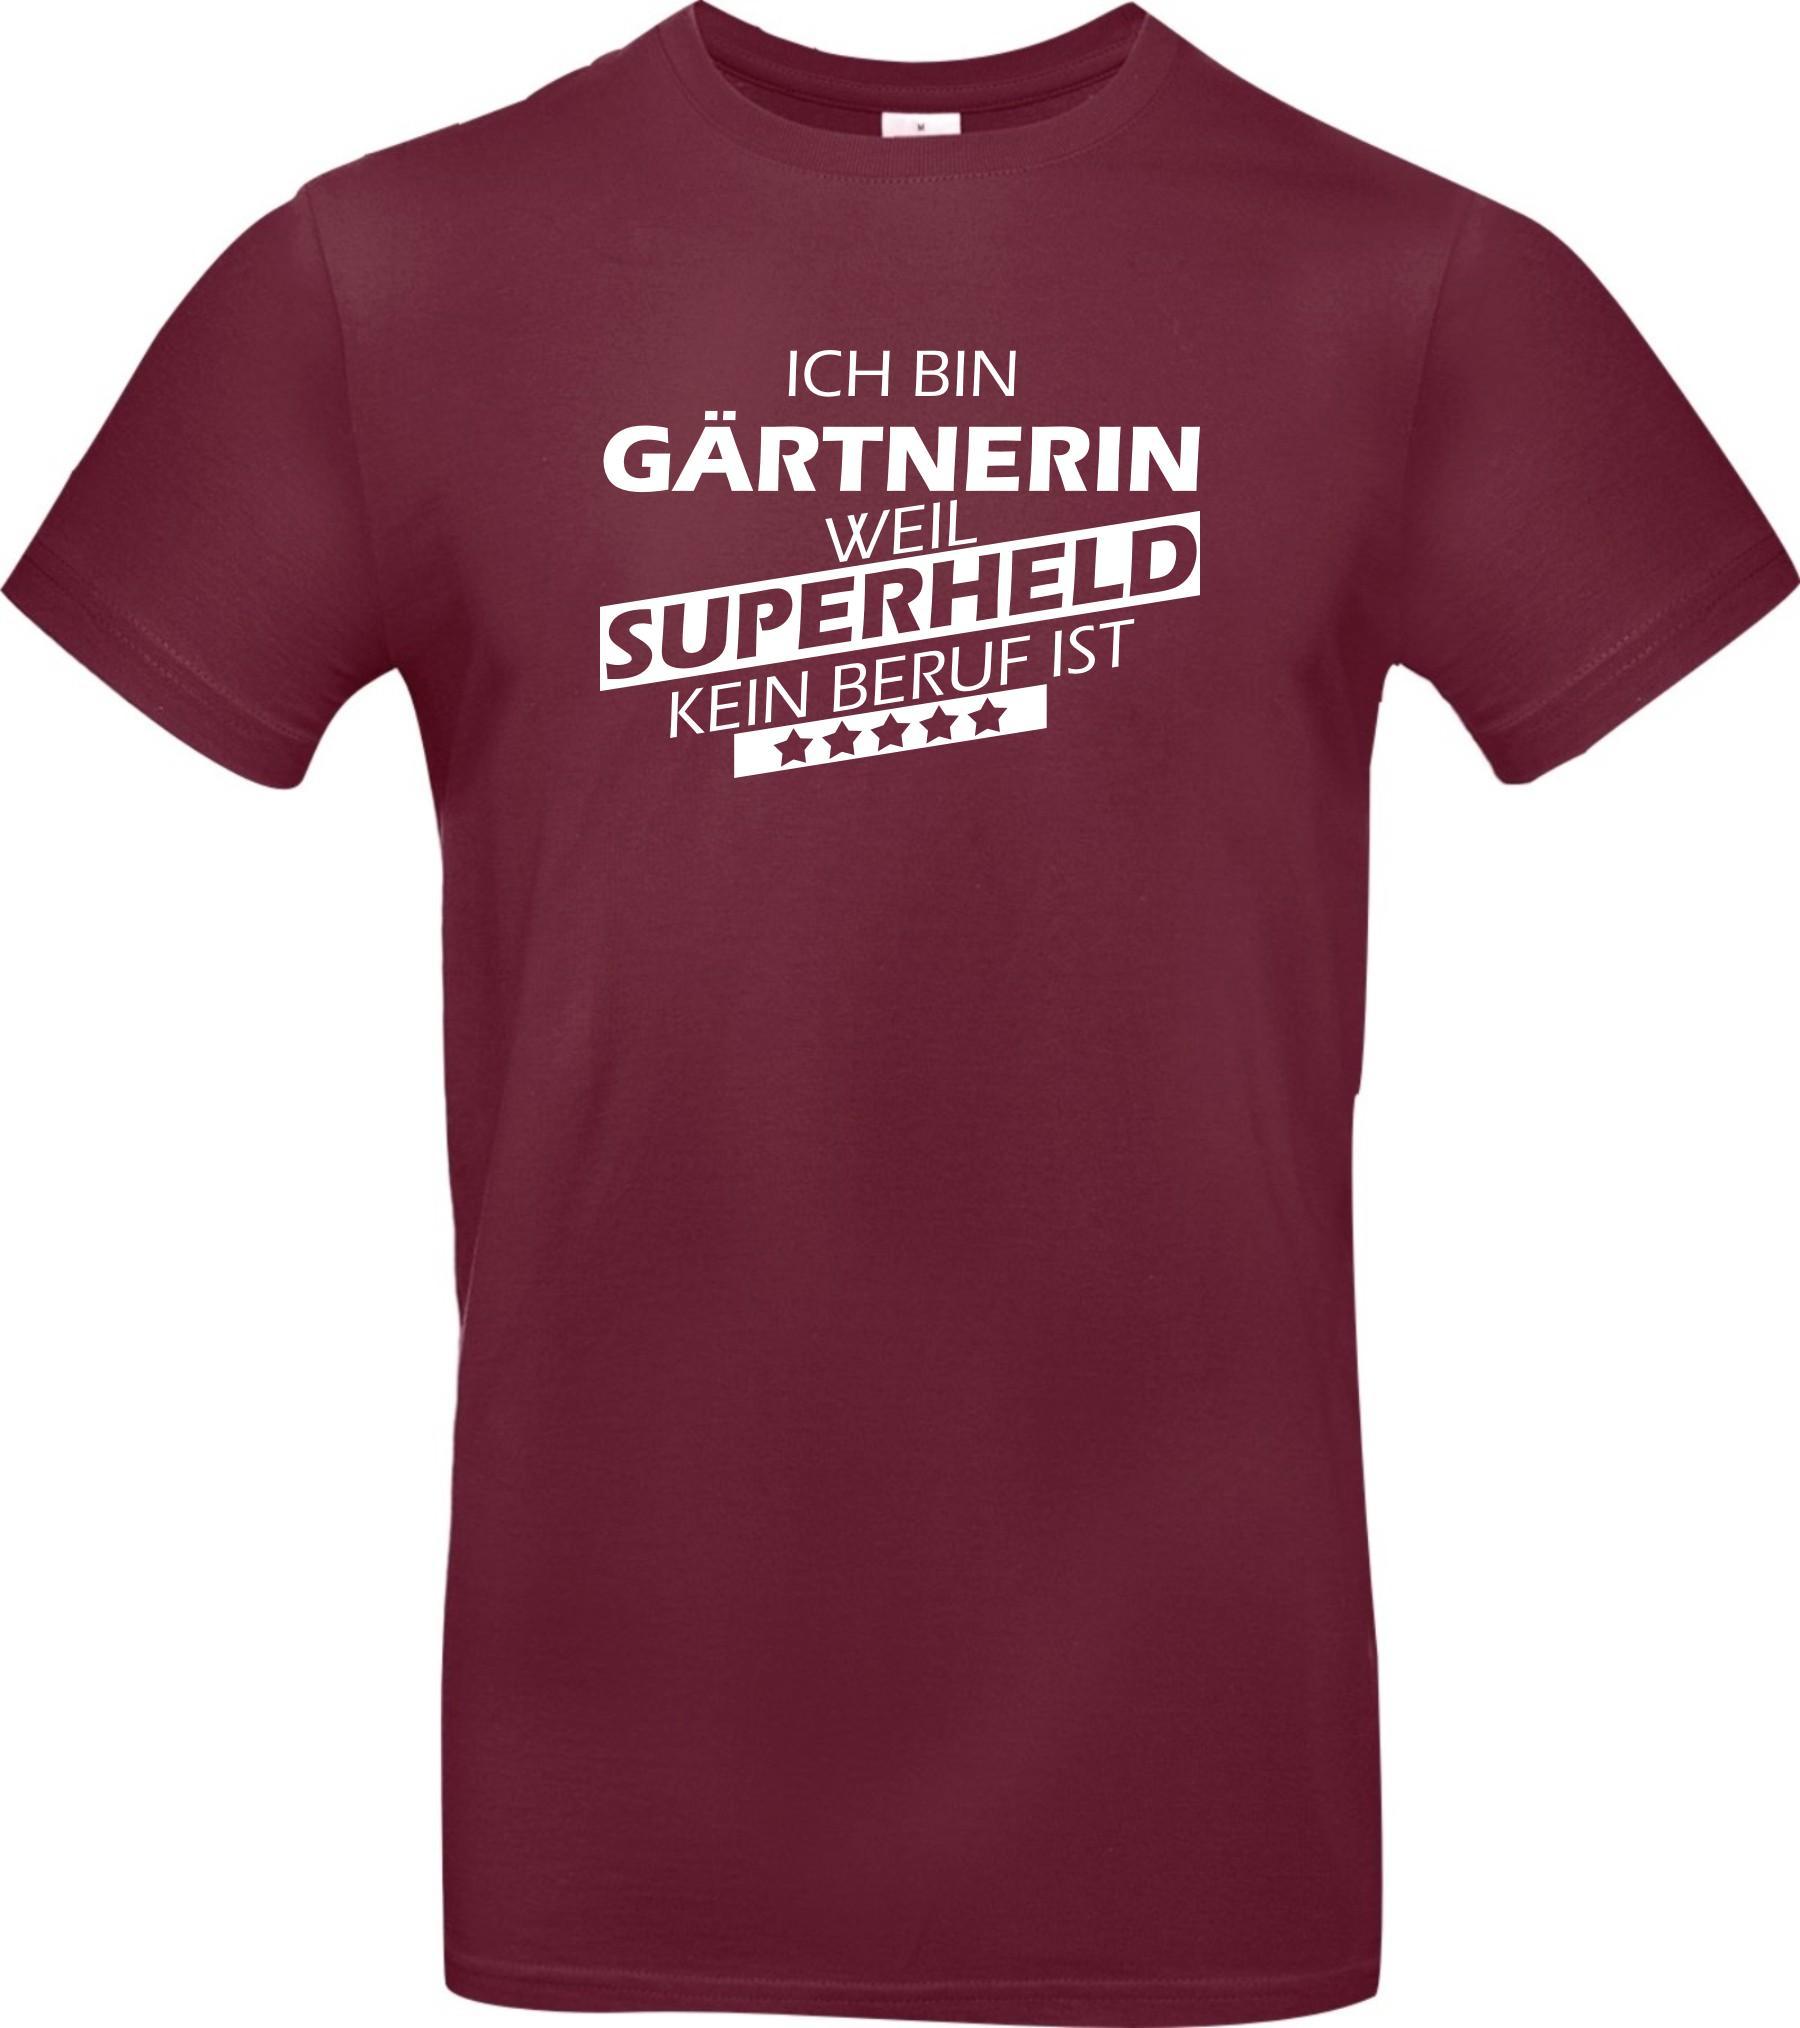 Maenner-Shirt-Ich-bin-Gaertnerin-weil-Superheld-kein-Beruf-ist